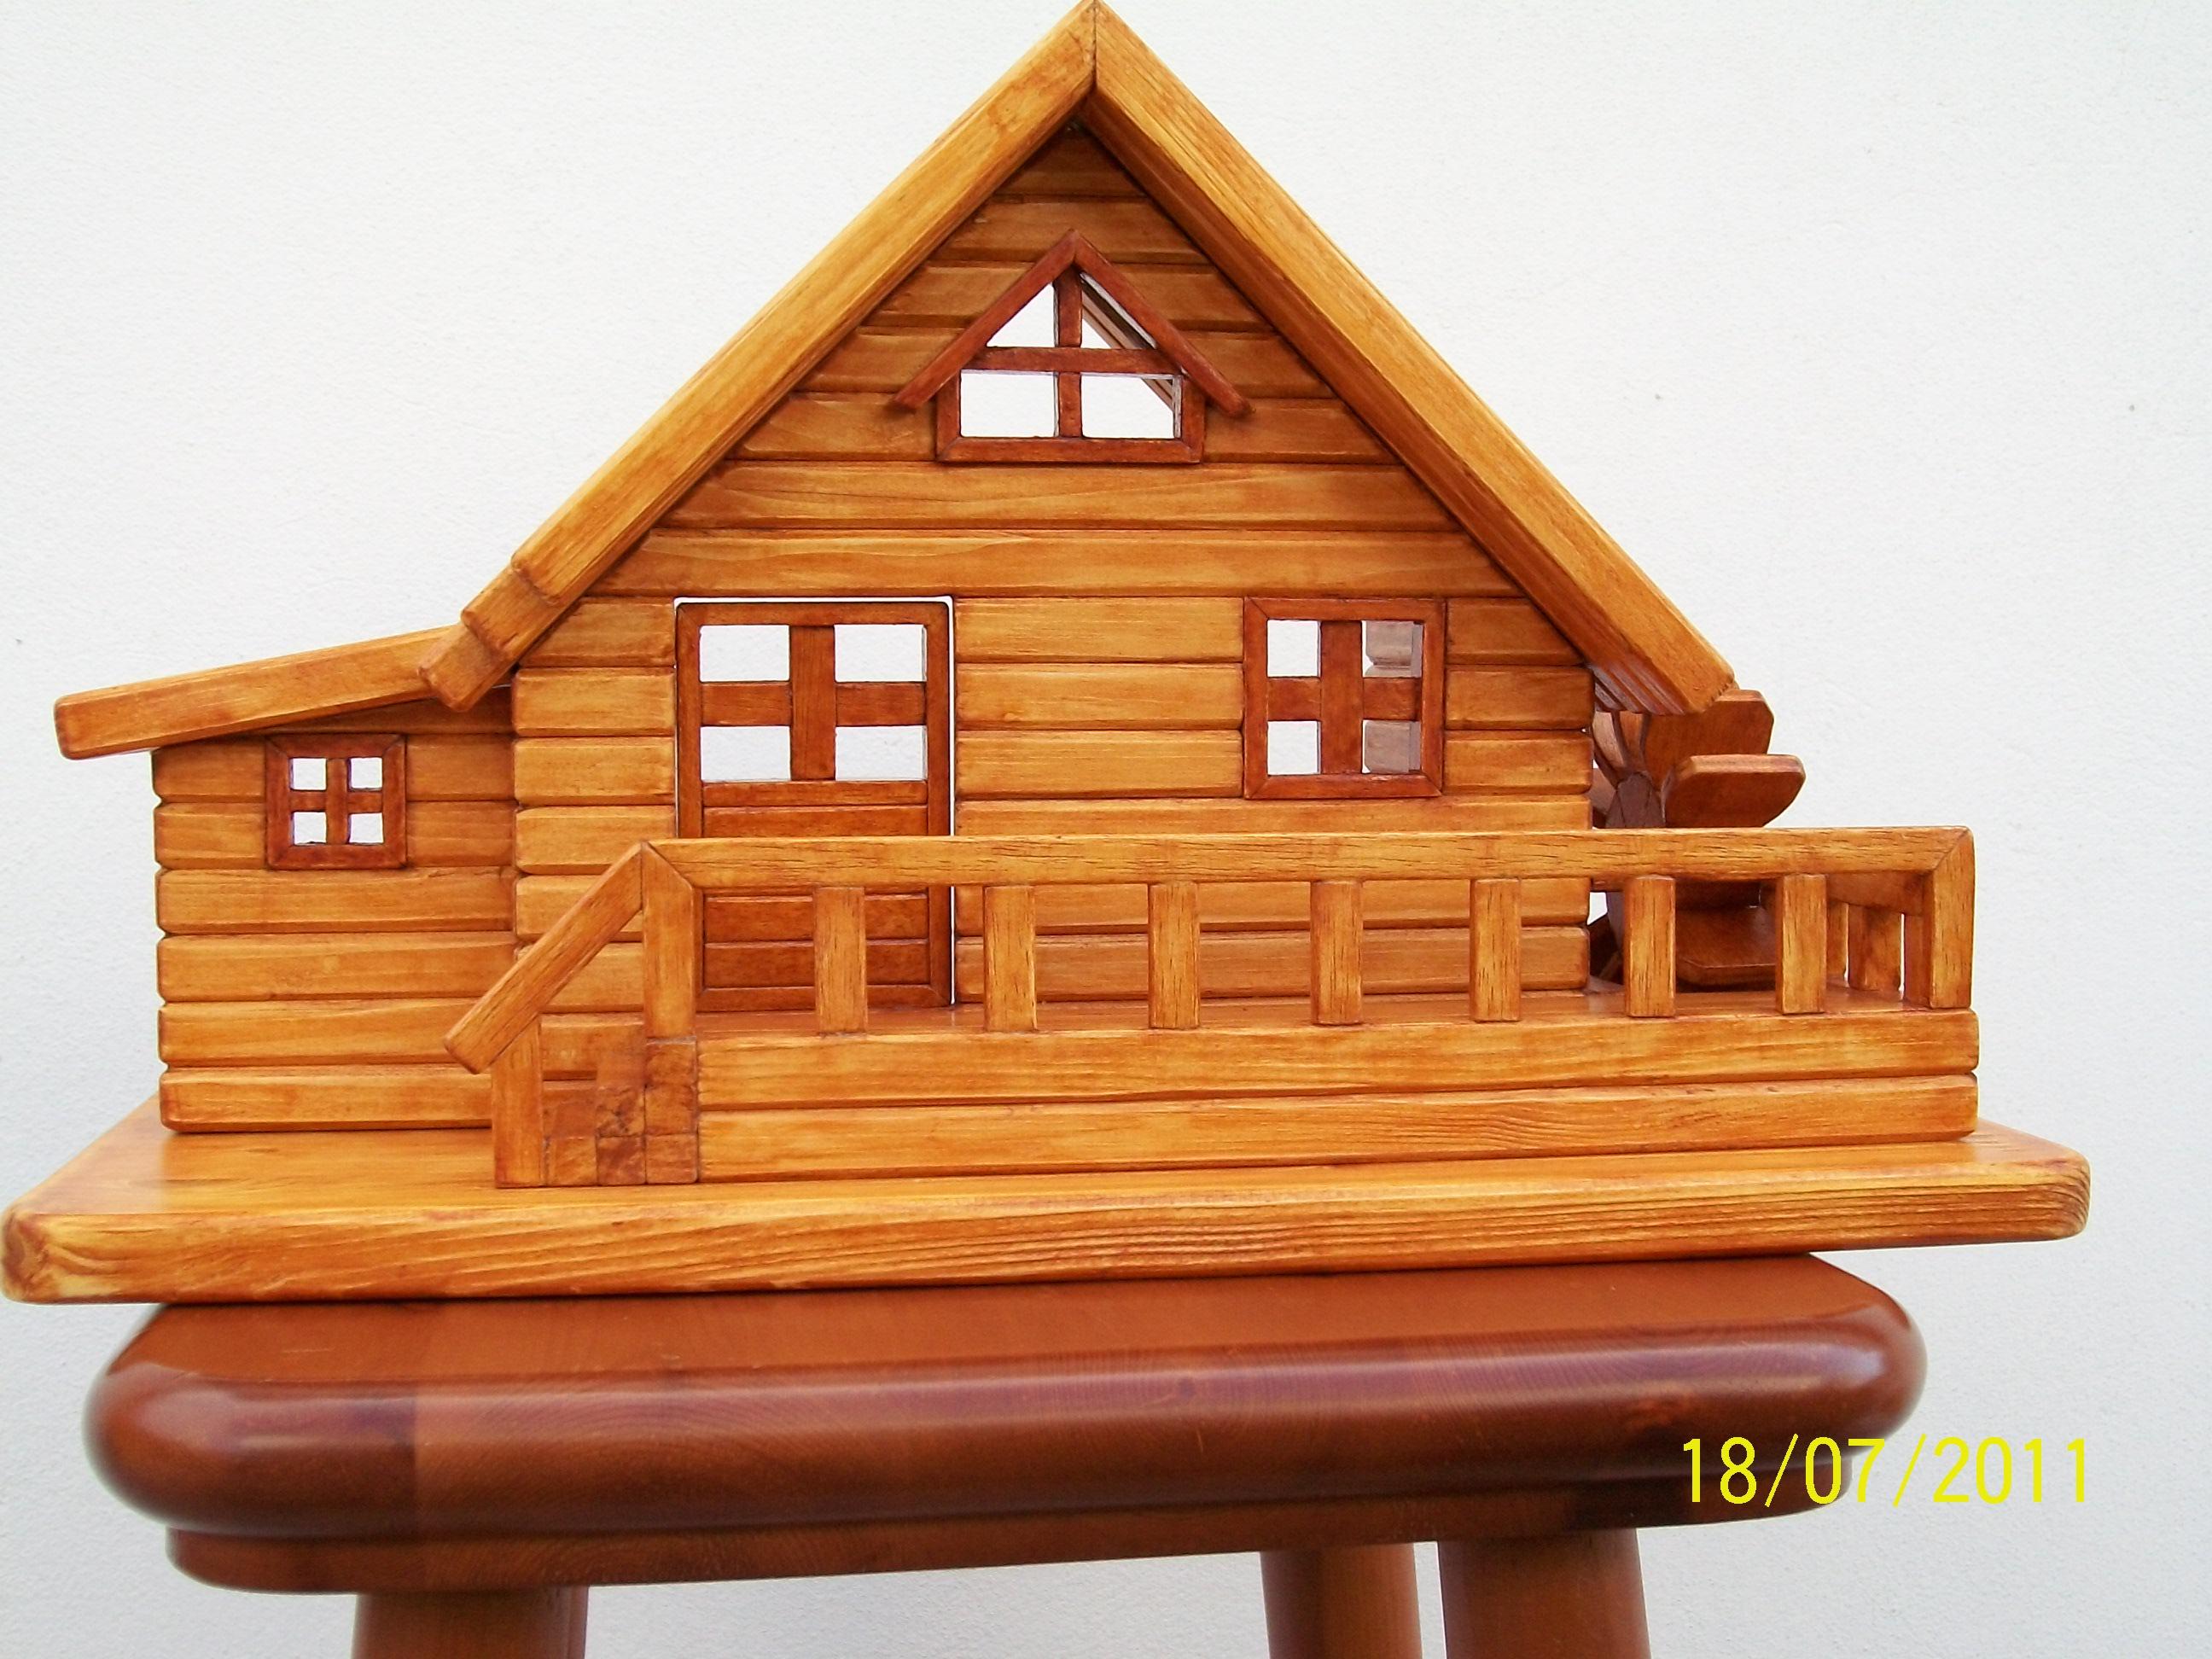 Oggetti in legno fai da te by silvano capanna con for Piccoli oggetti in legno fai da te